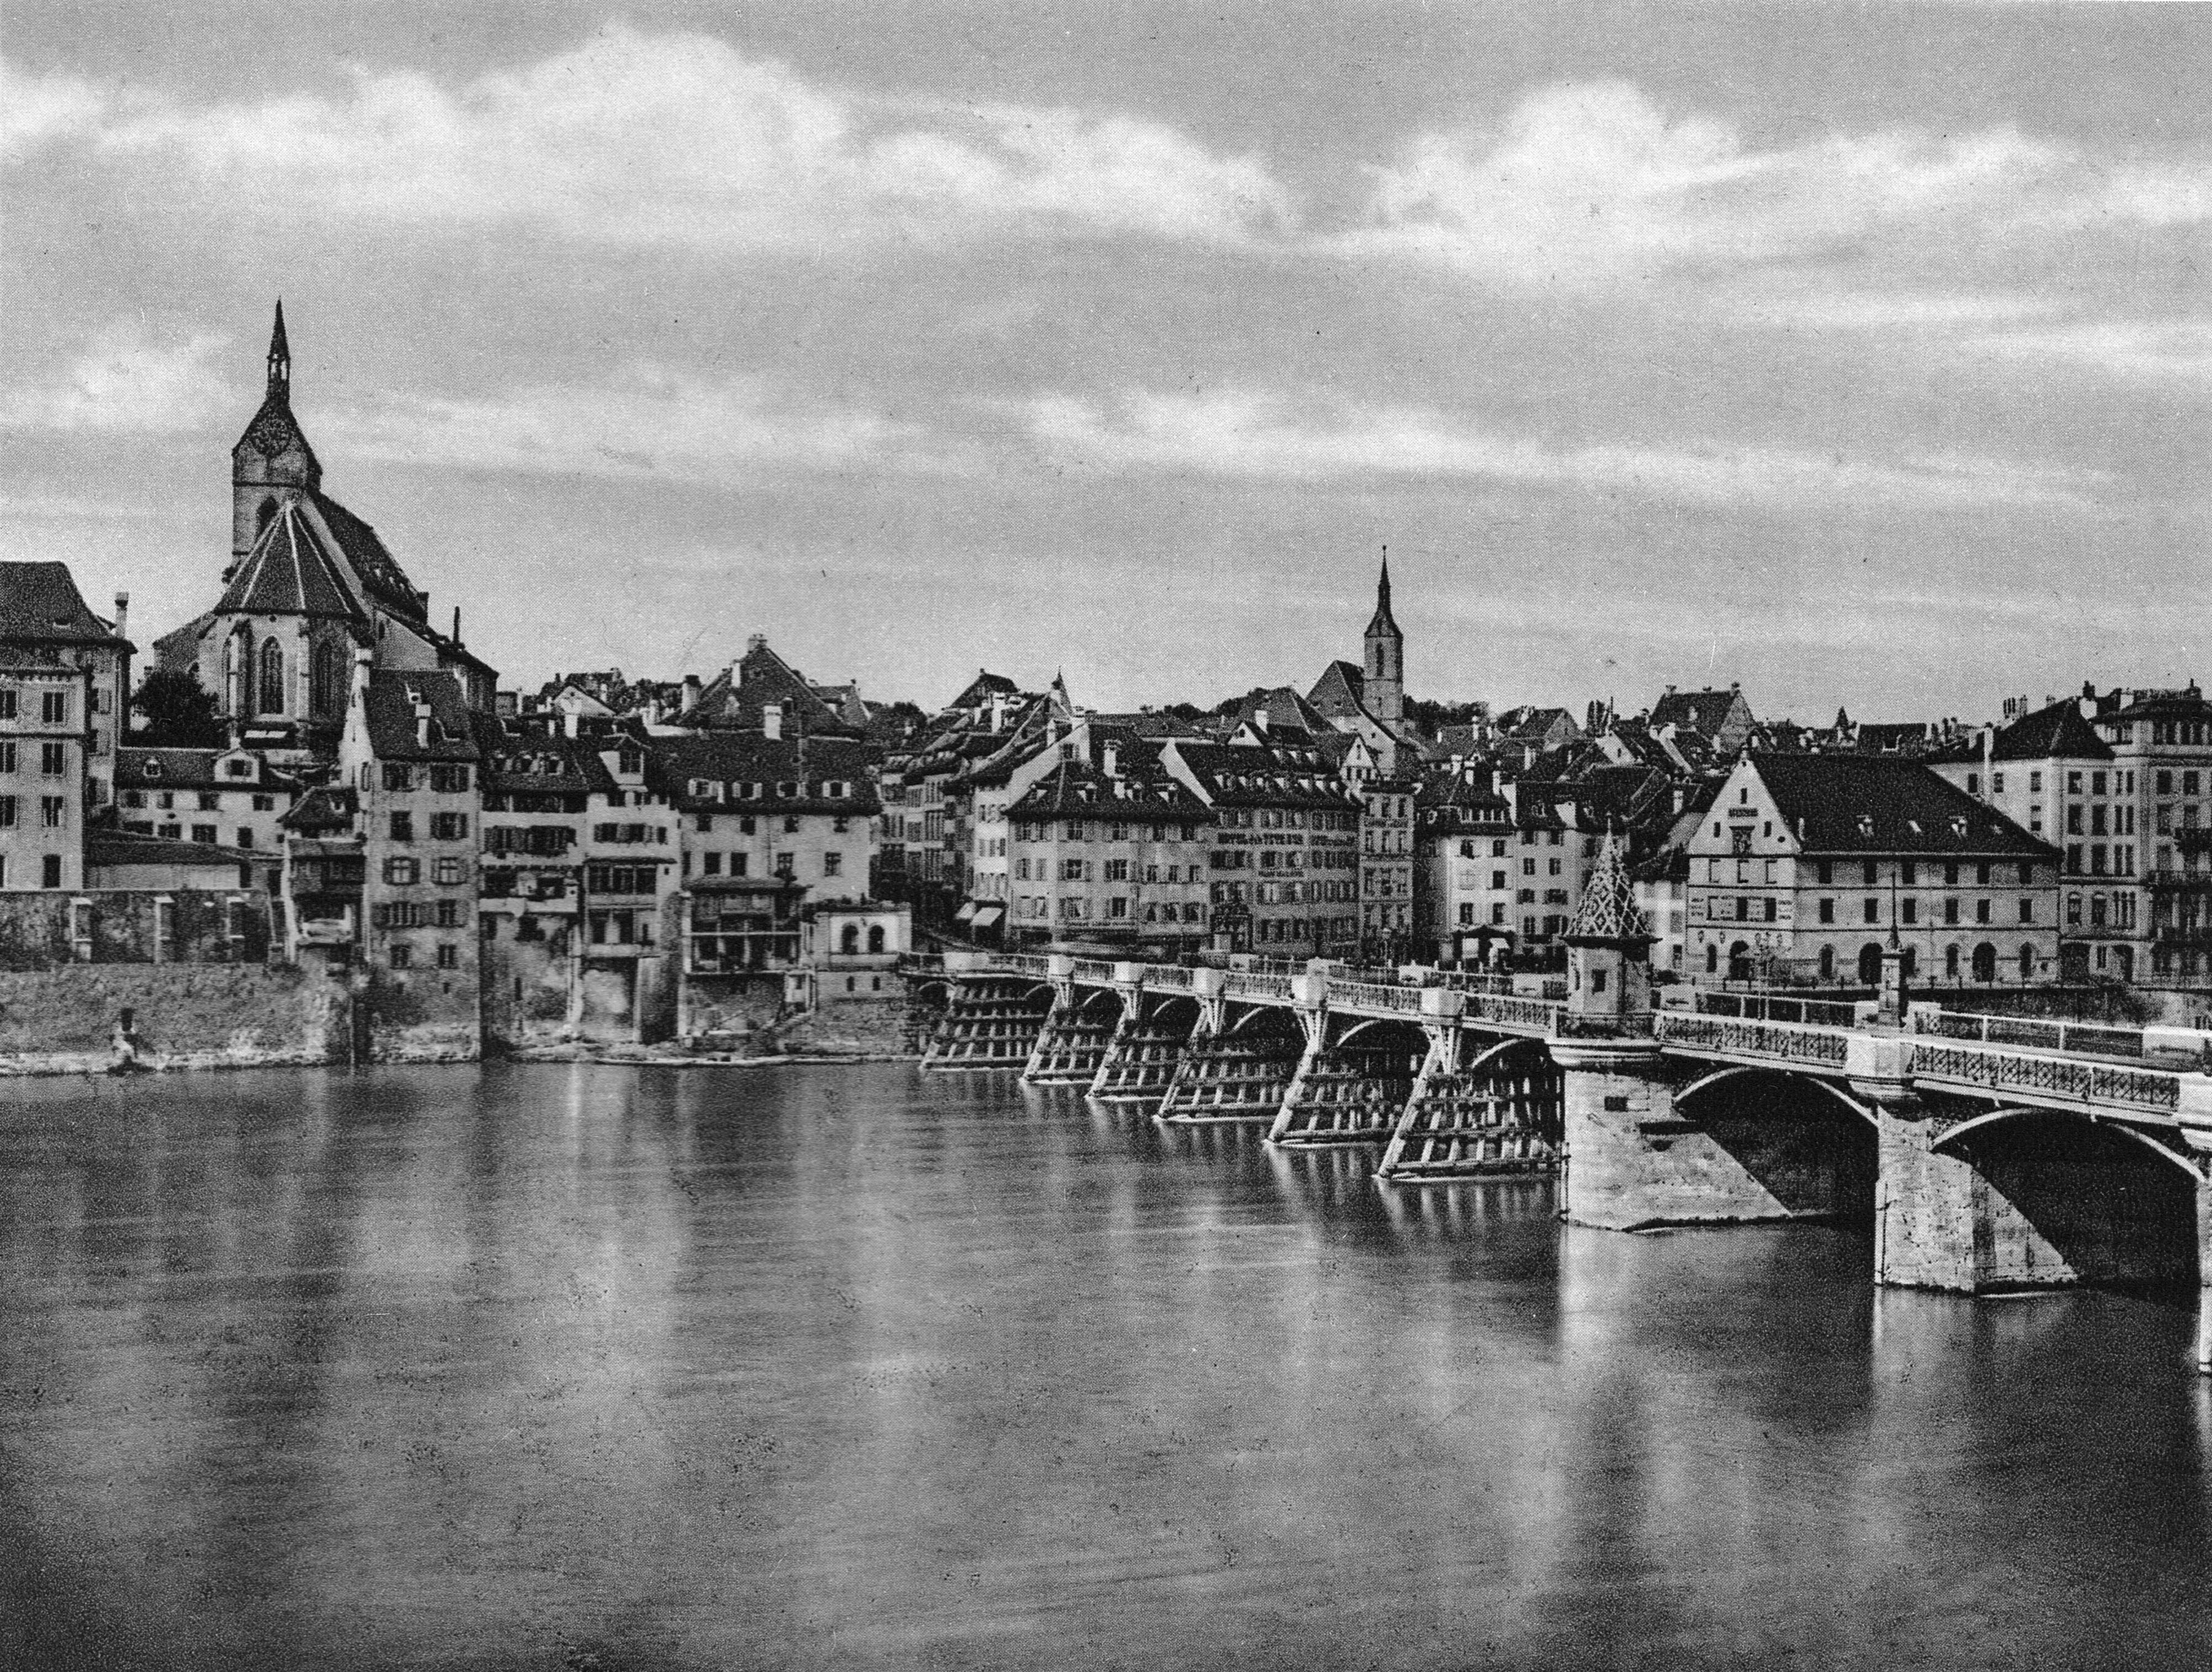 Die alte Rheinbrücke um 1870